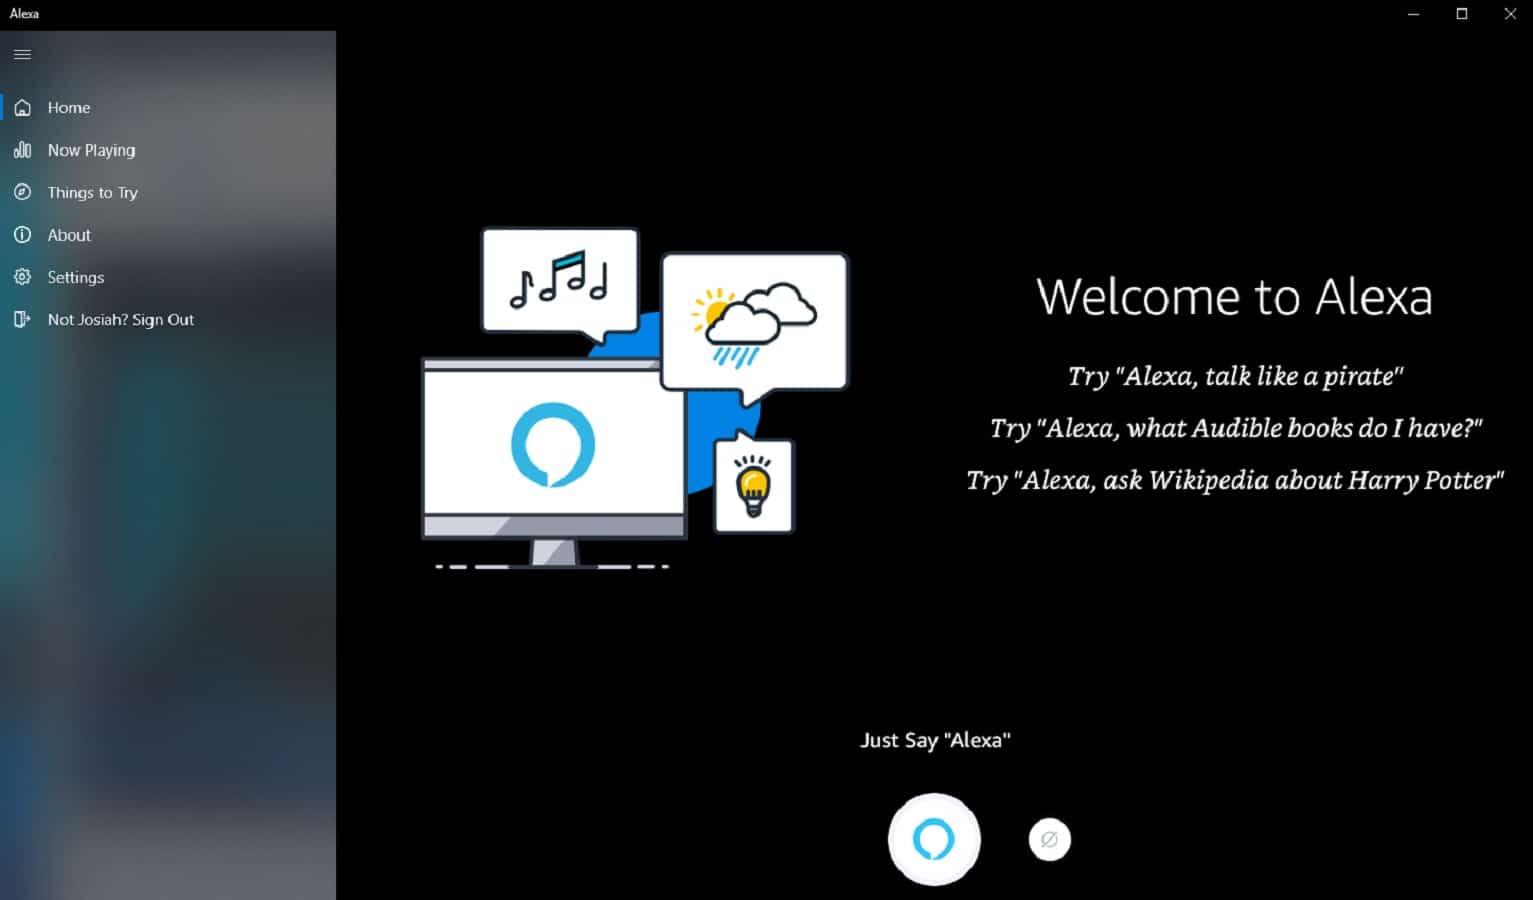 alexa on windows 10 with voice activation